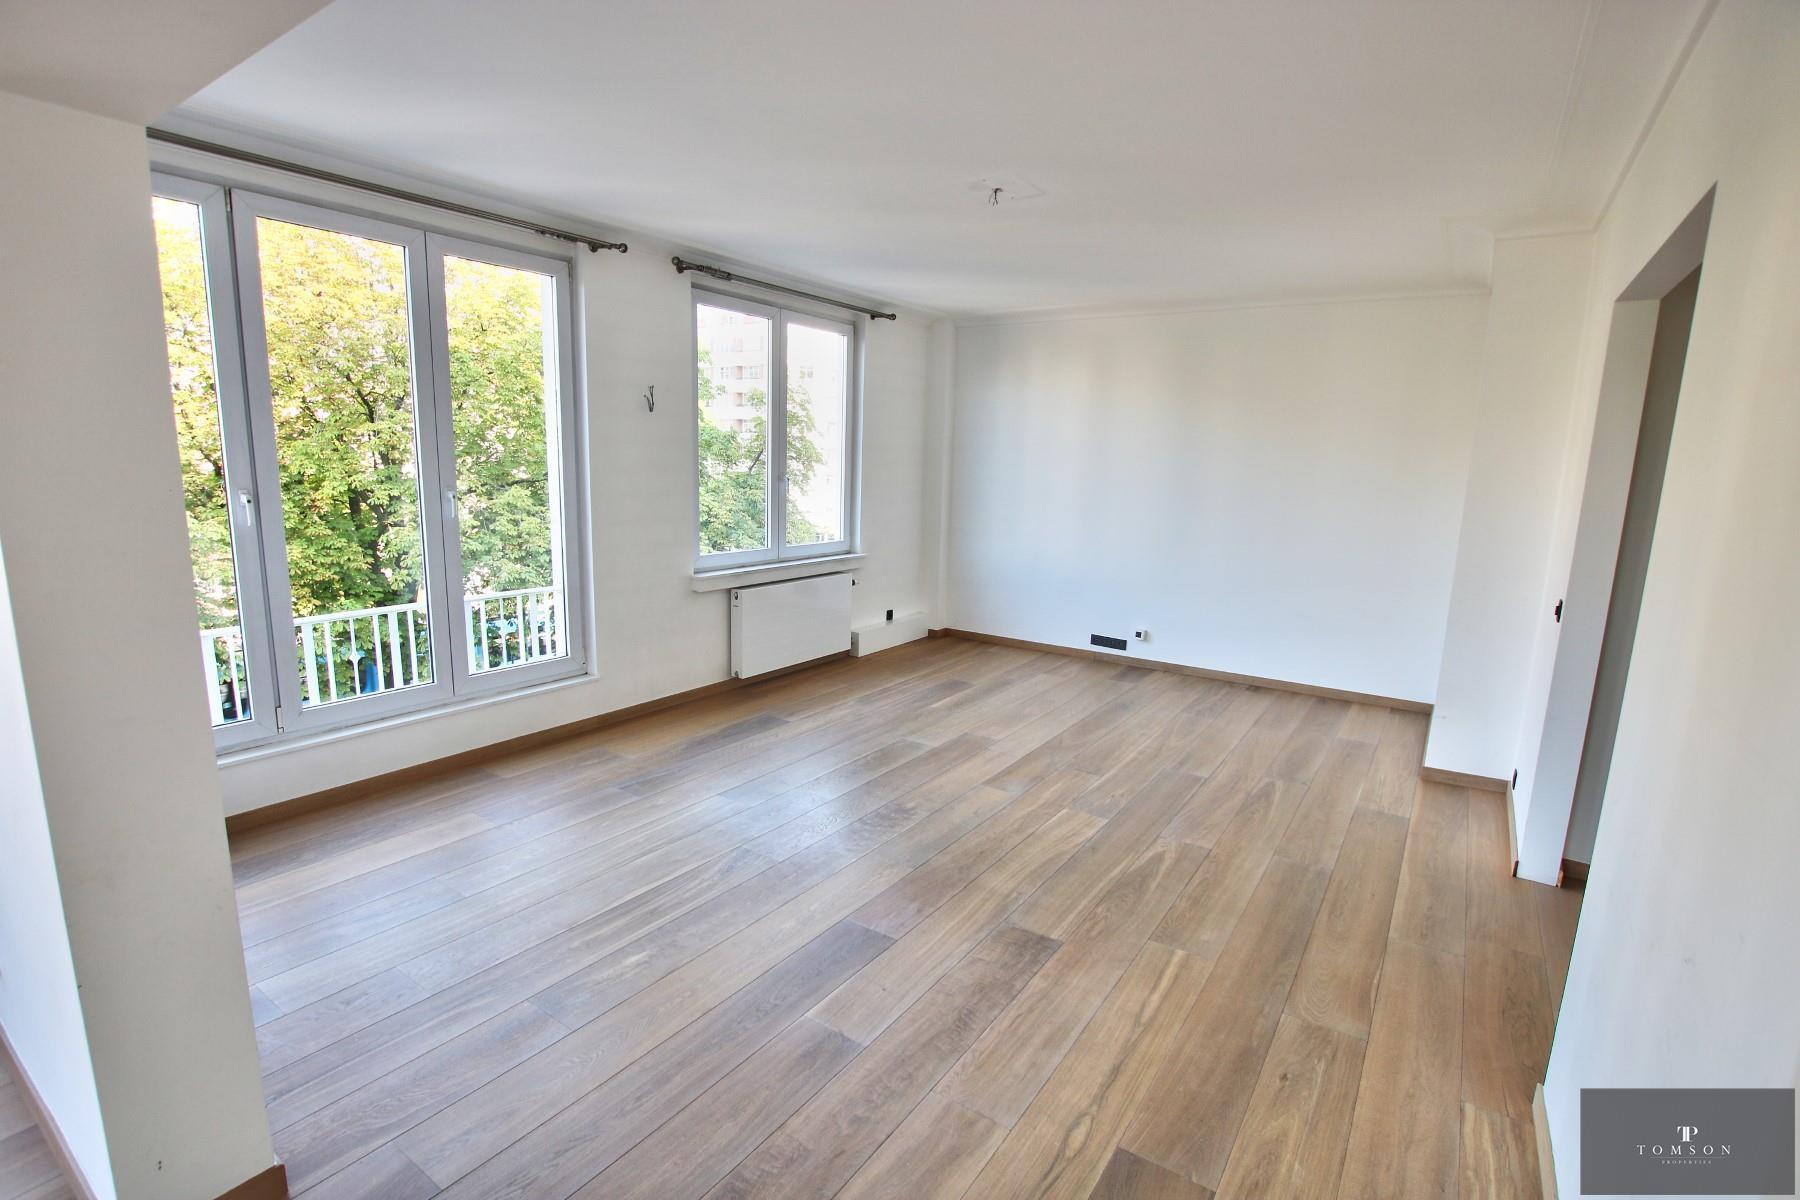 Appartement - Etterbeek - #4304367-3